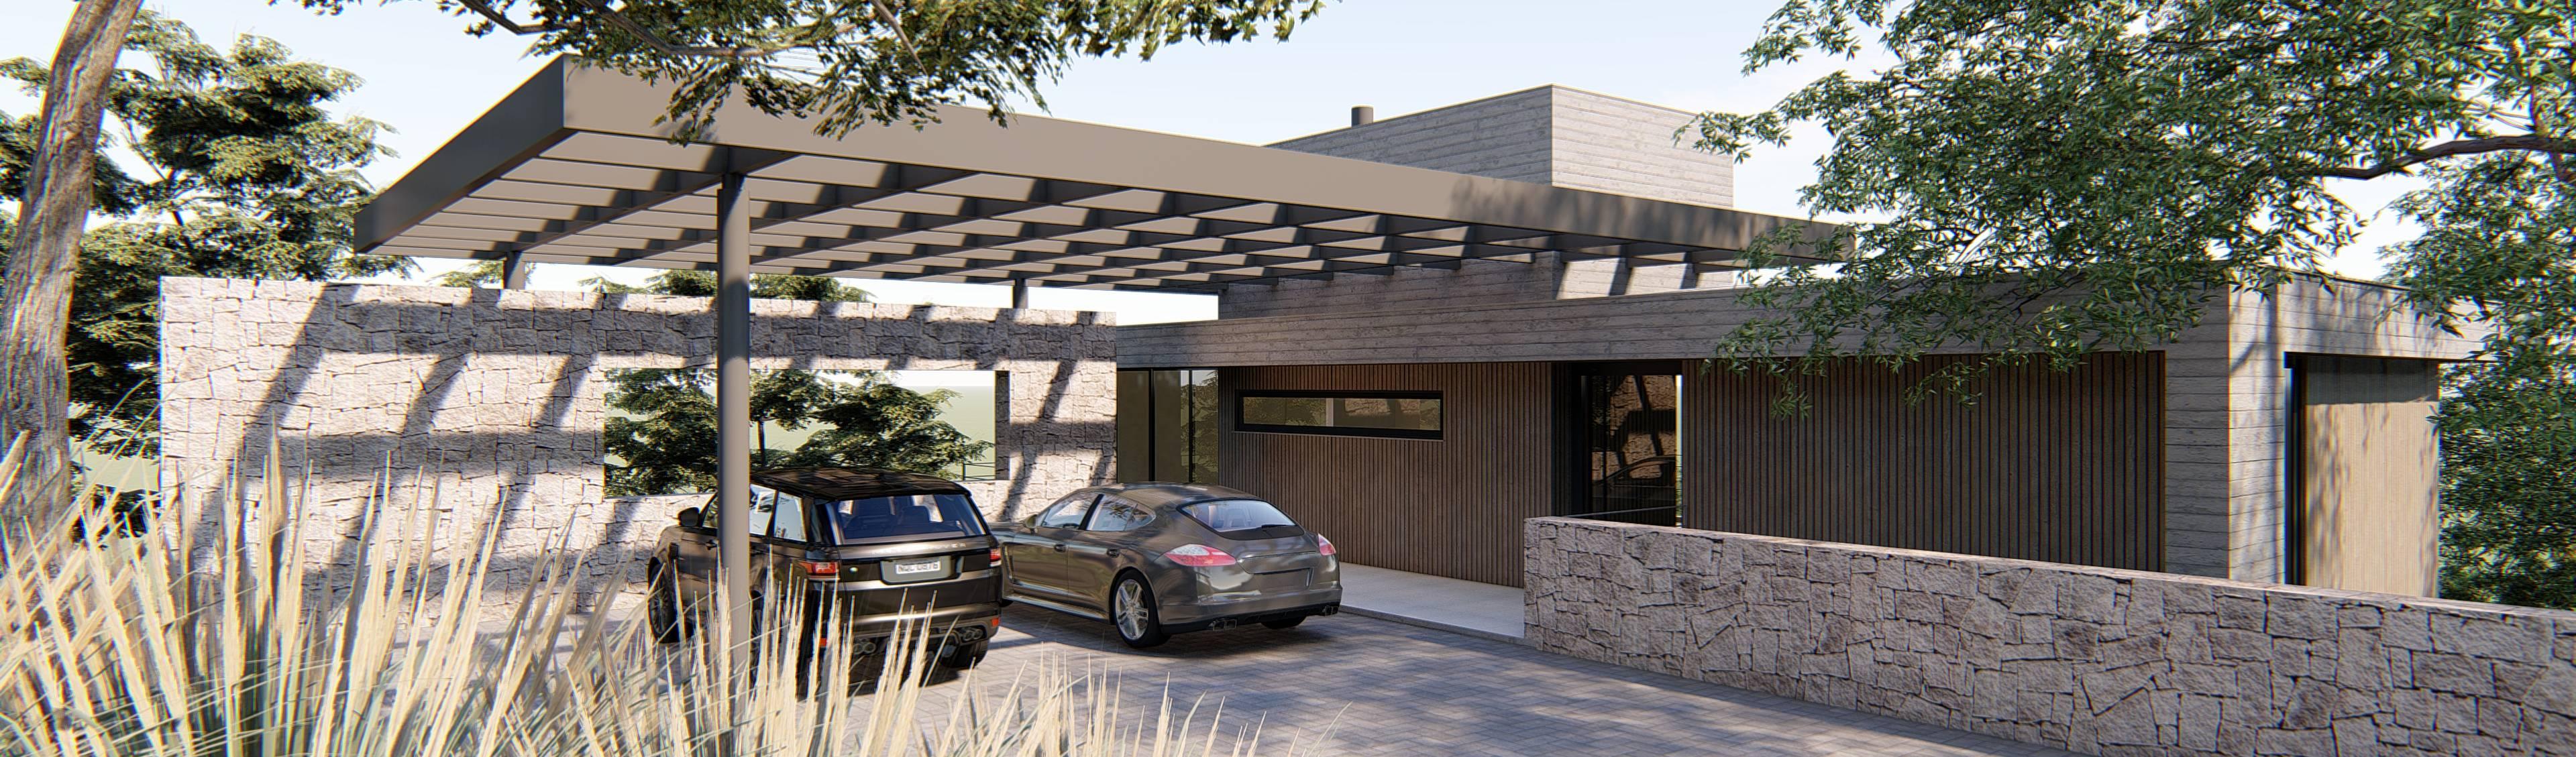 Dorini Arquitetura Ltda